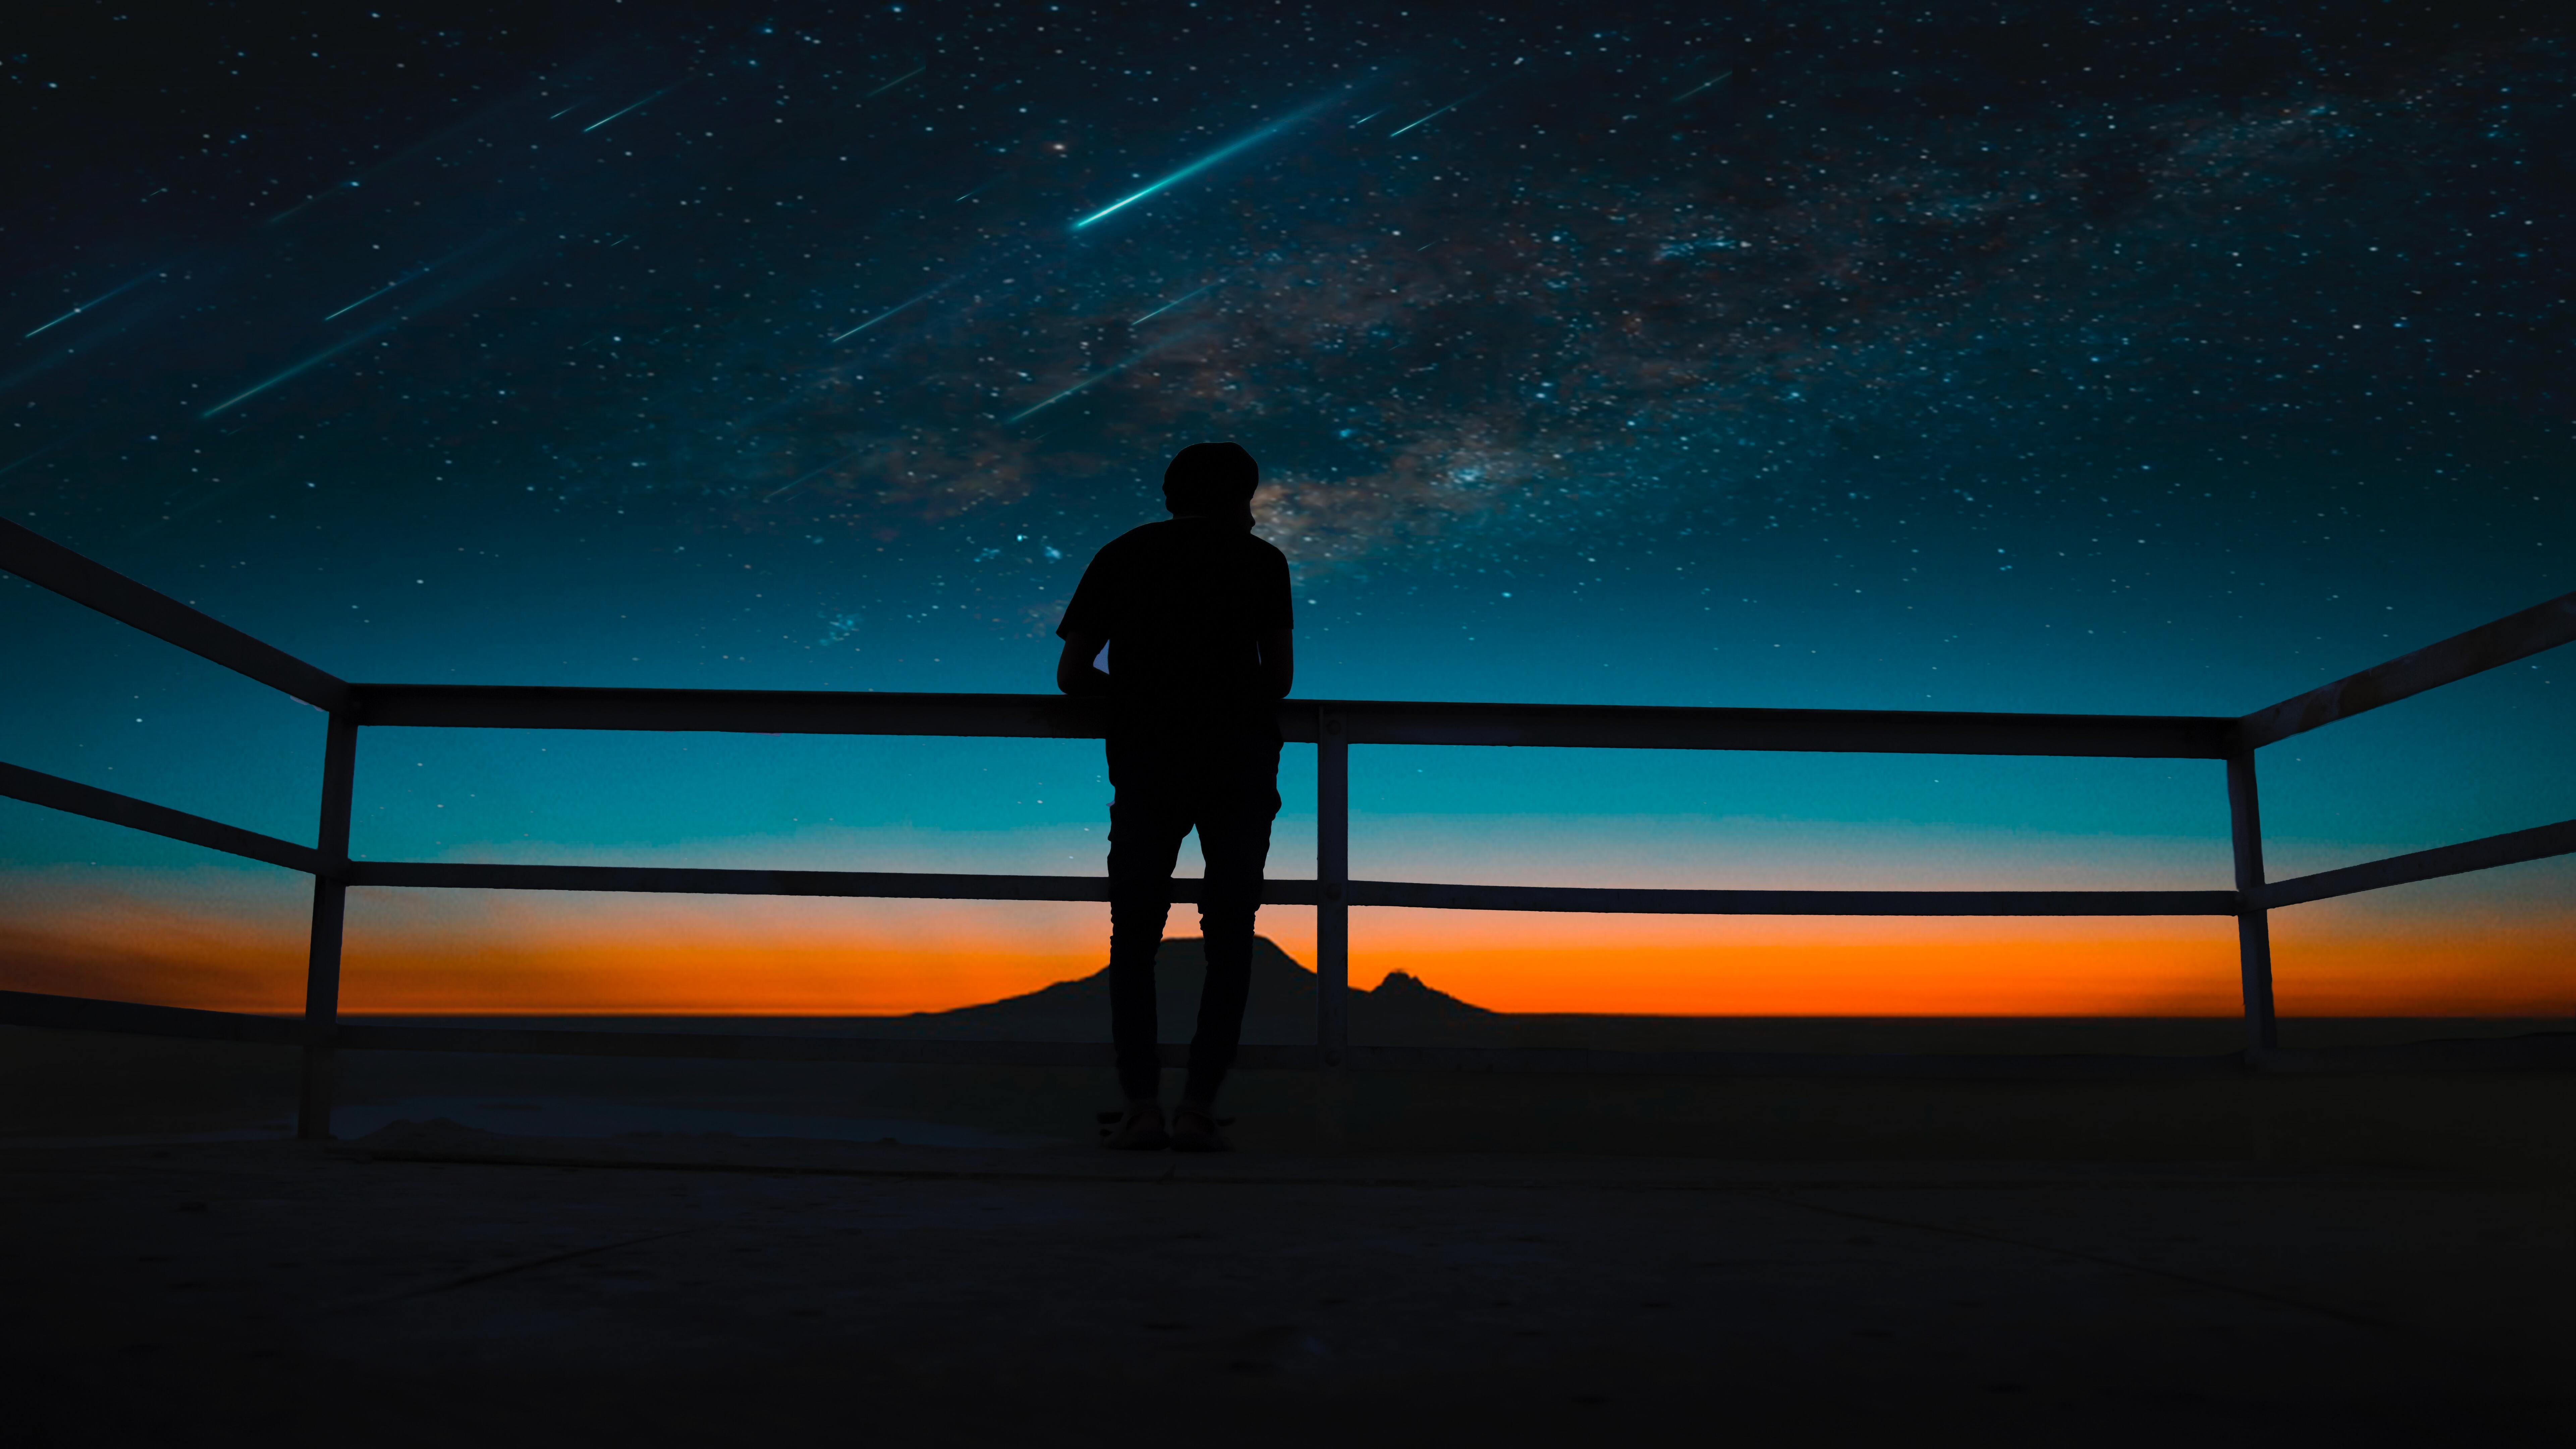 person-silhouette-meteors-night-sky-8k-jz.jpg